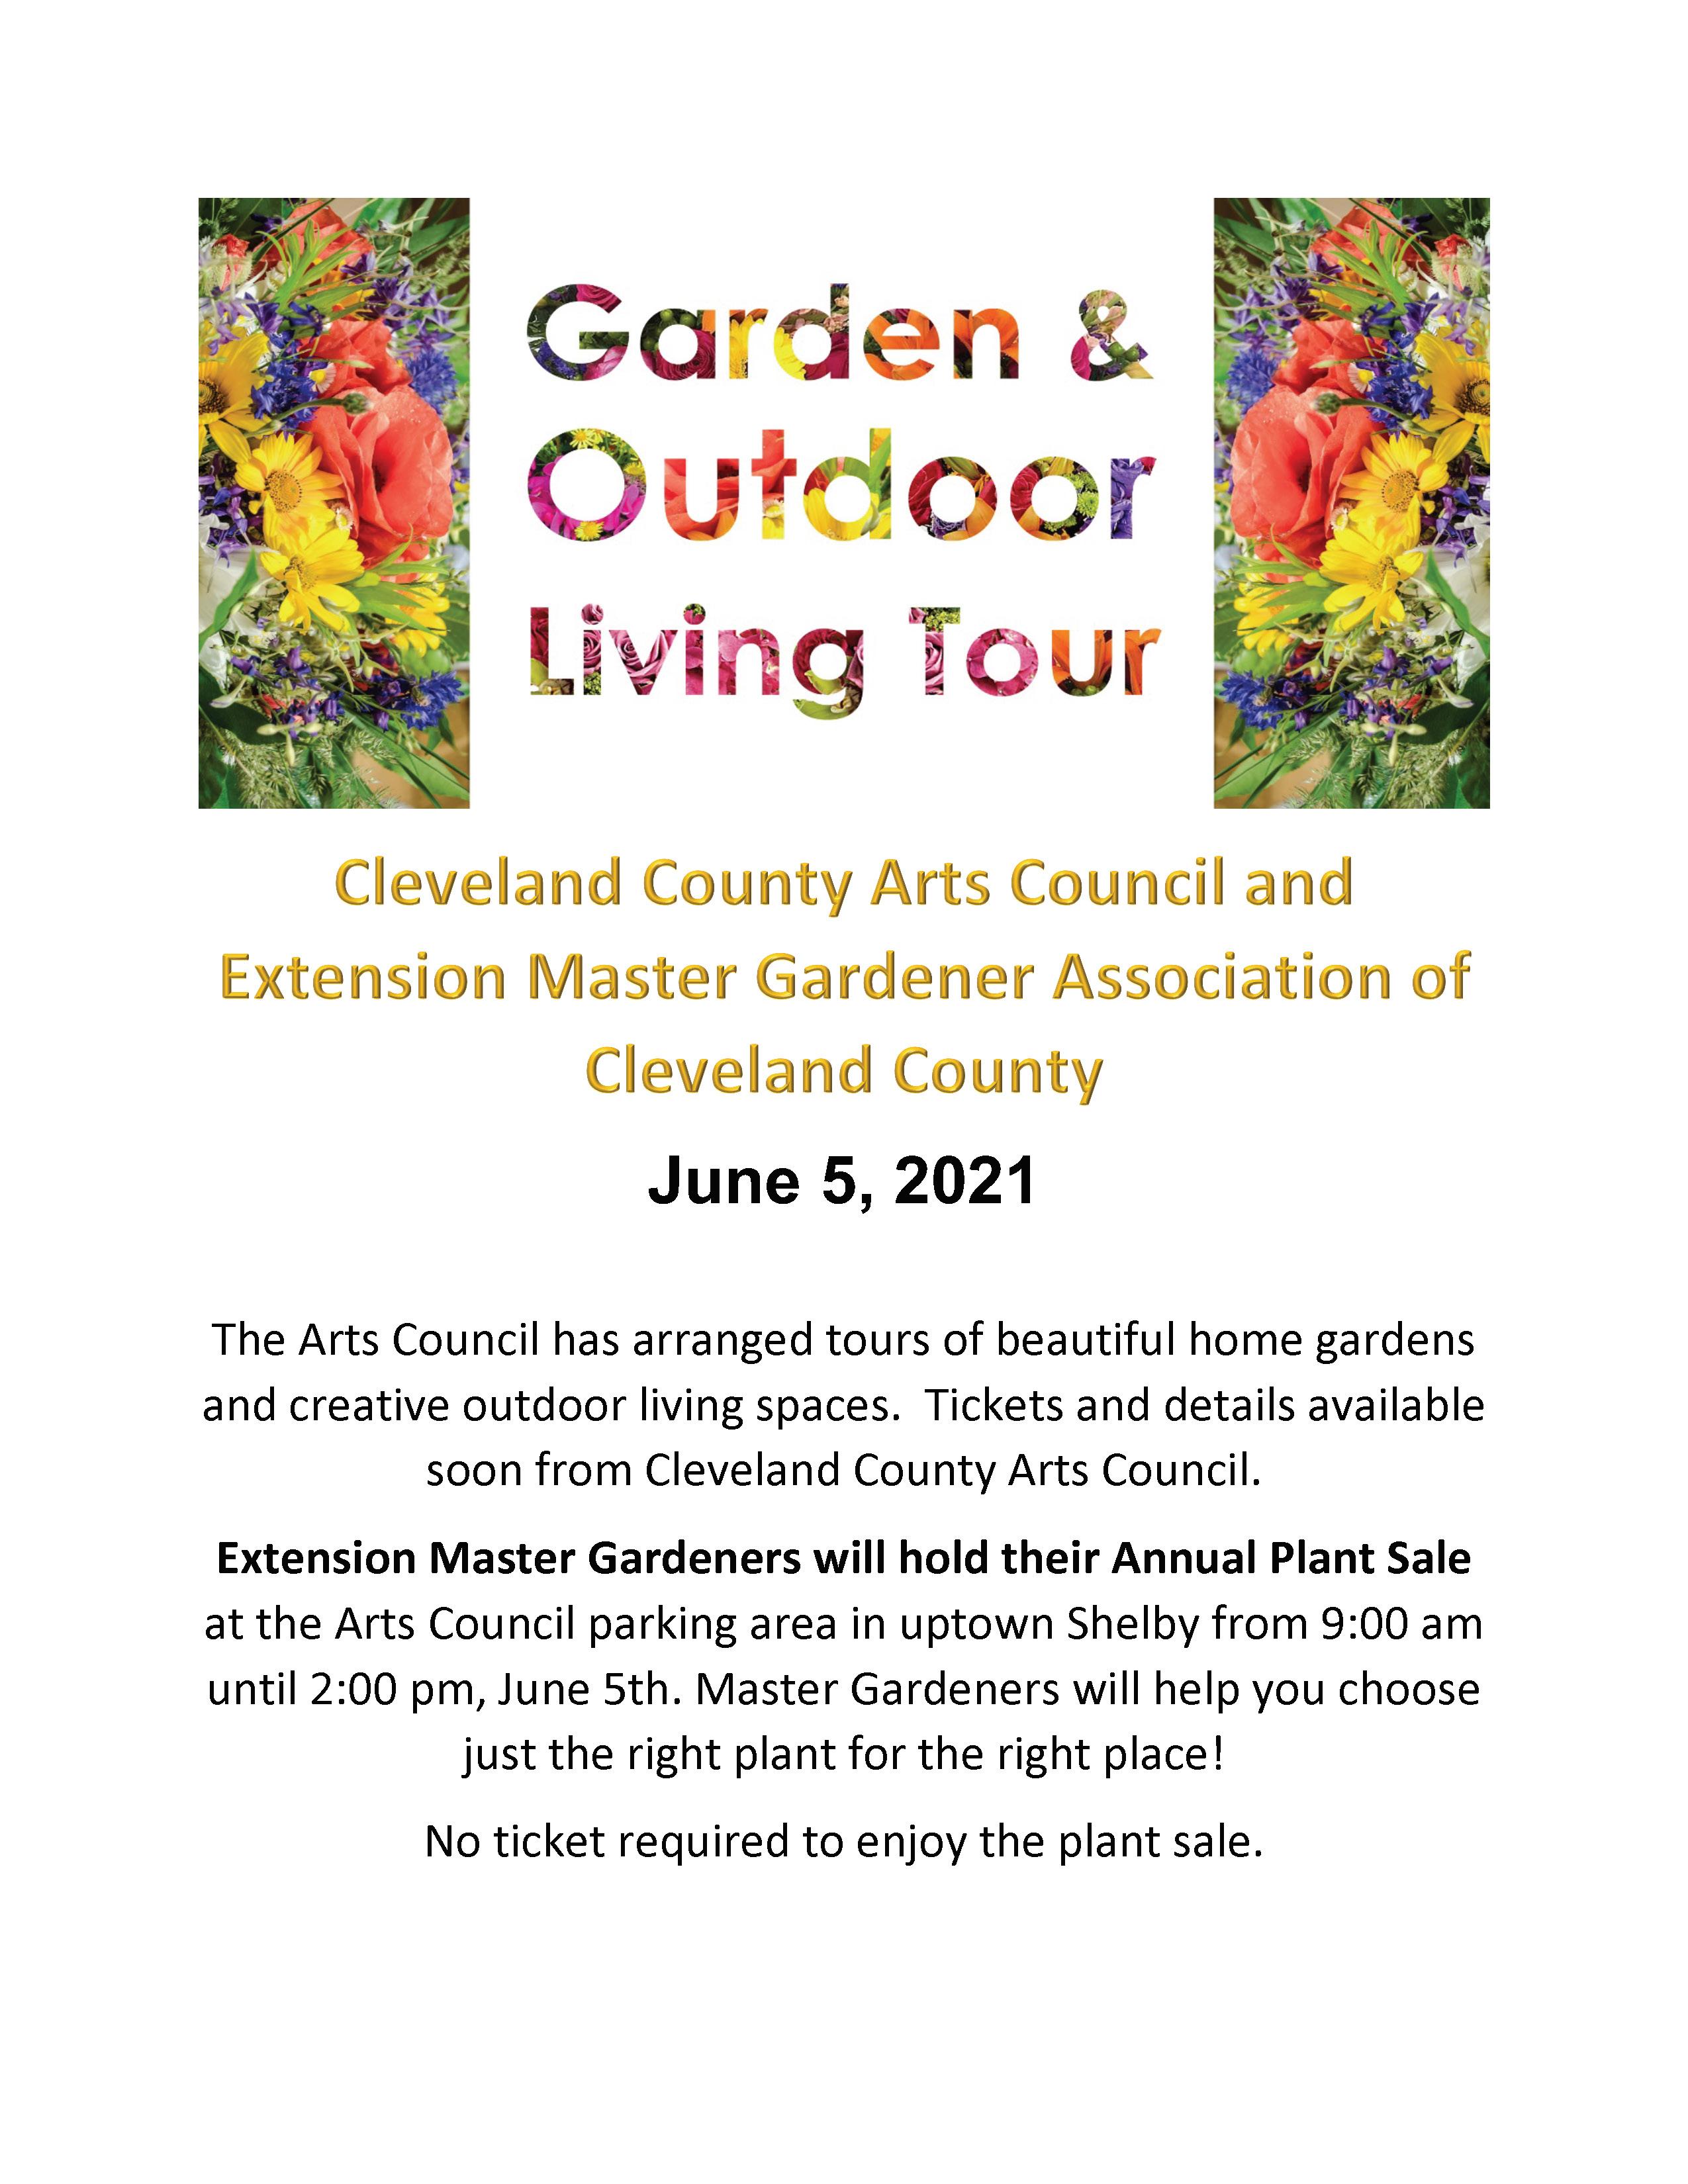 Tour flyer image